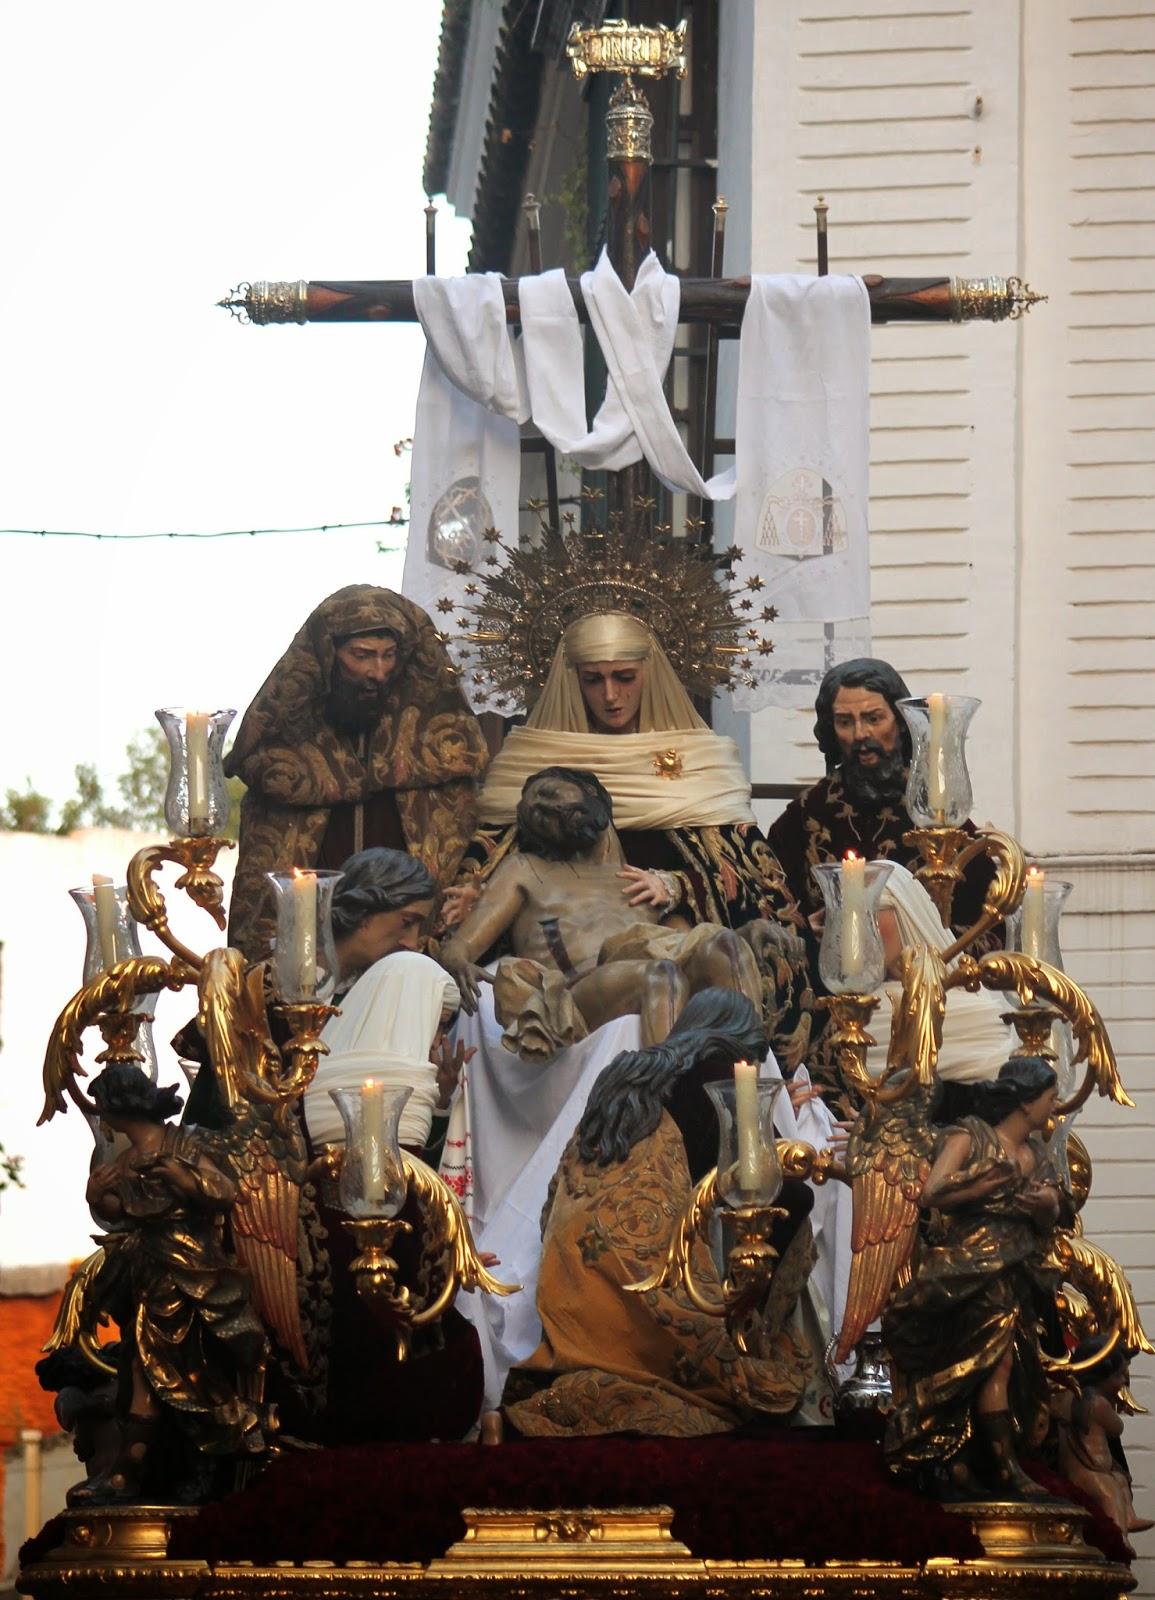 Alba y jesus en el stand de ana g en el feda - 3 part 5